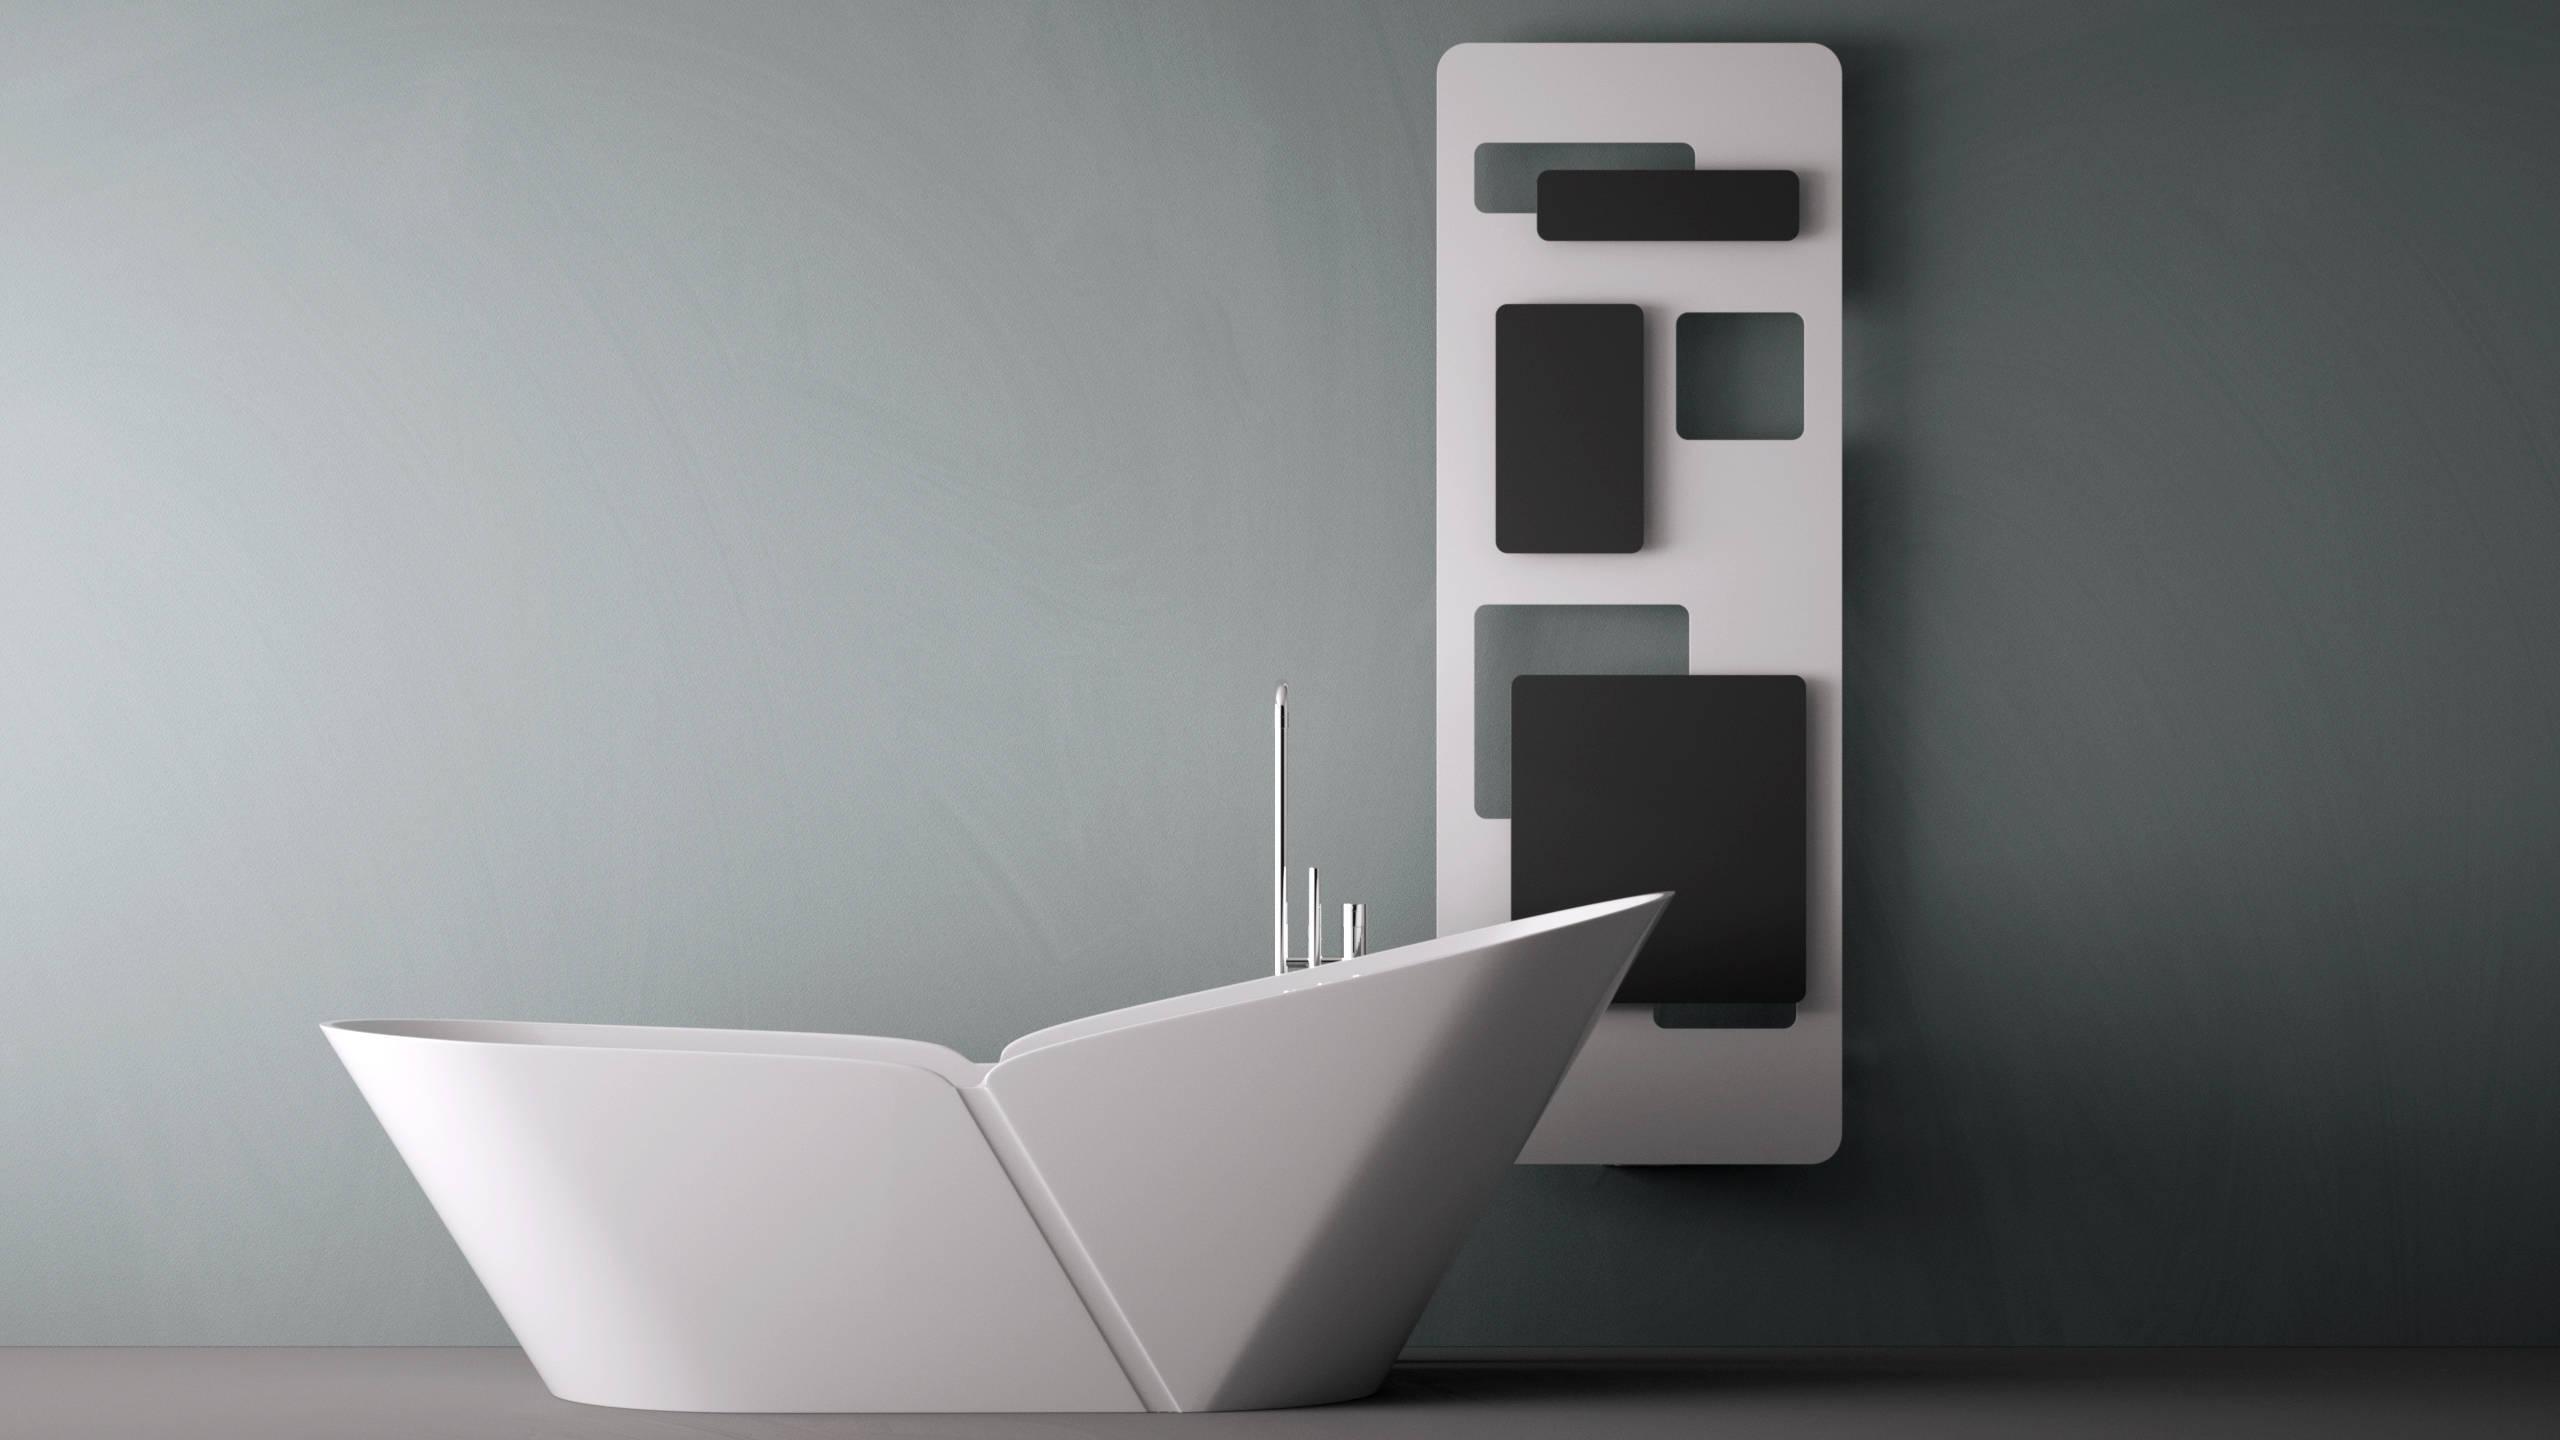 Exklusive Design Heizkörper für Wohnzimmer, Wohnraum, Bad, Küche.